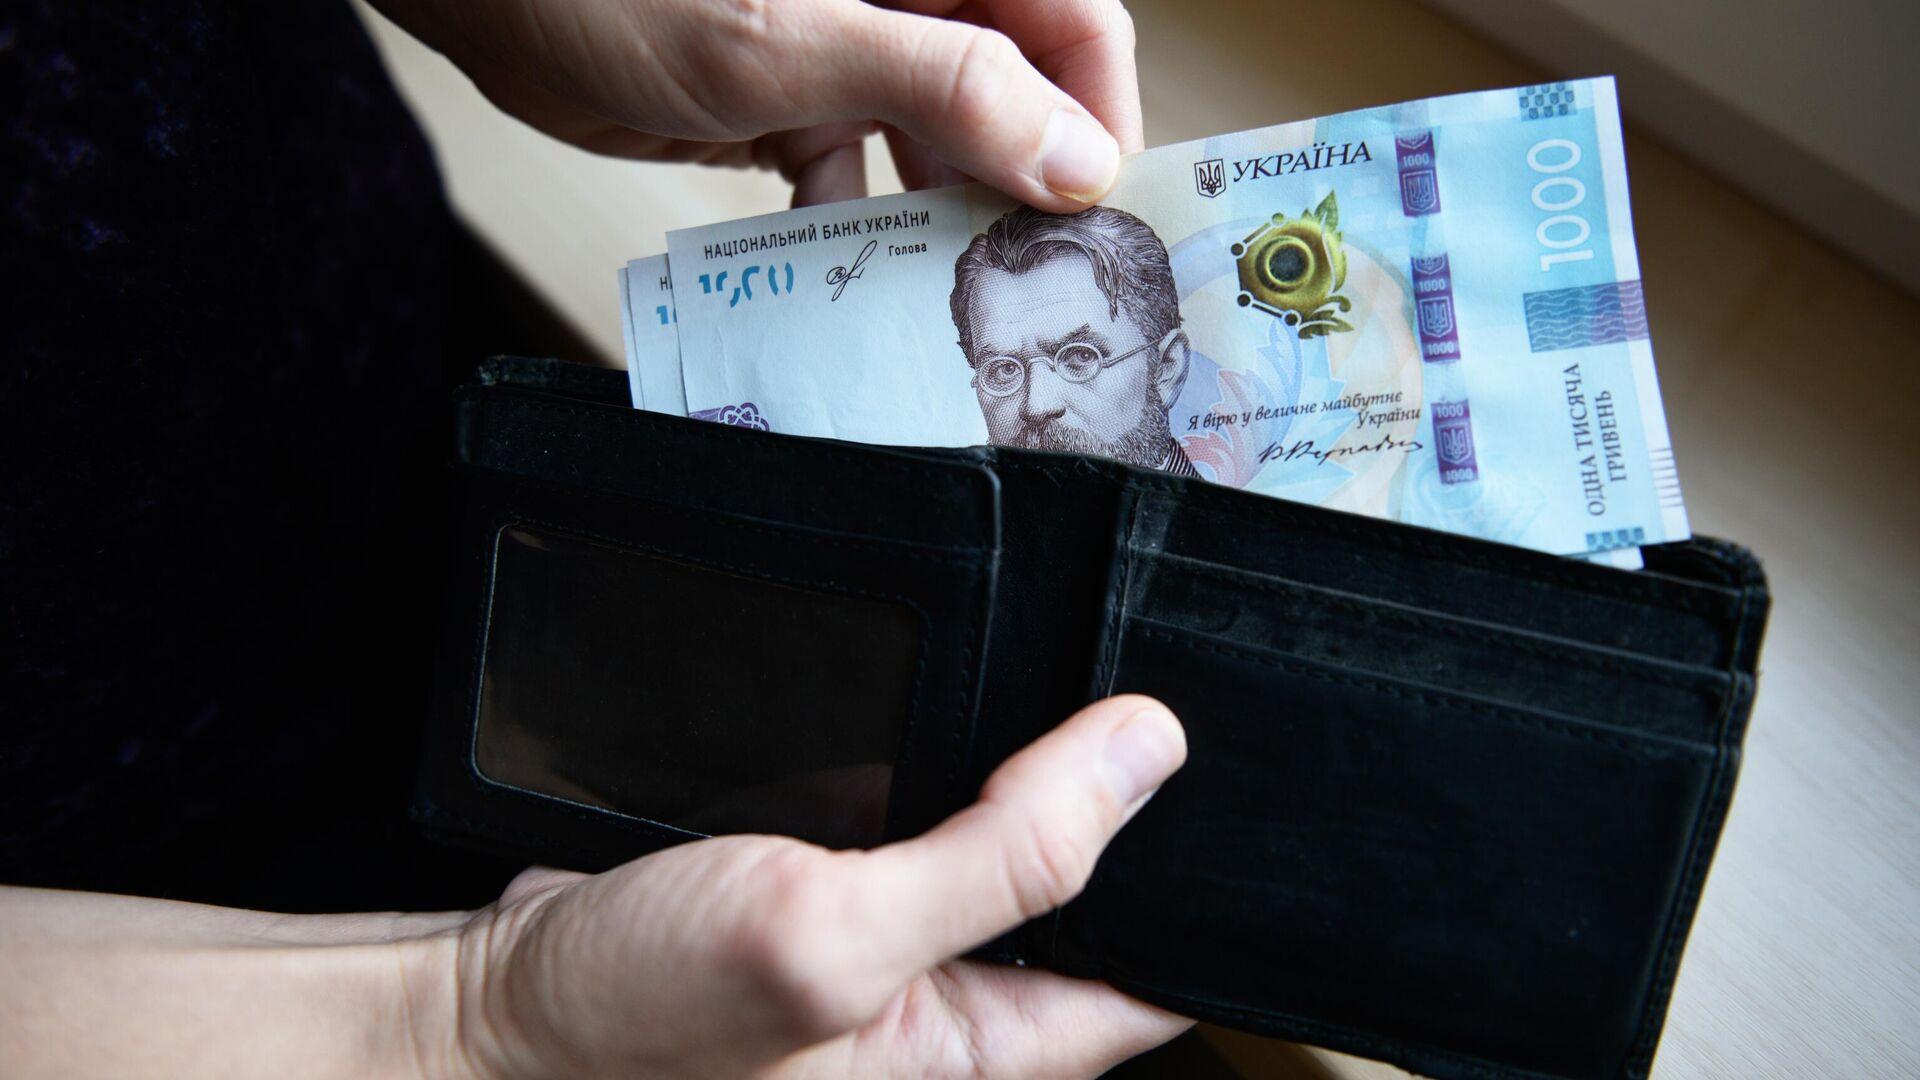 Банкноты номиналом 1000 гривен - РИА Новости, 1920, 24.02.2021